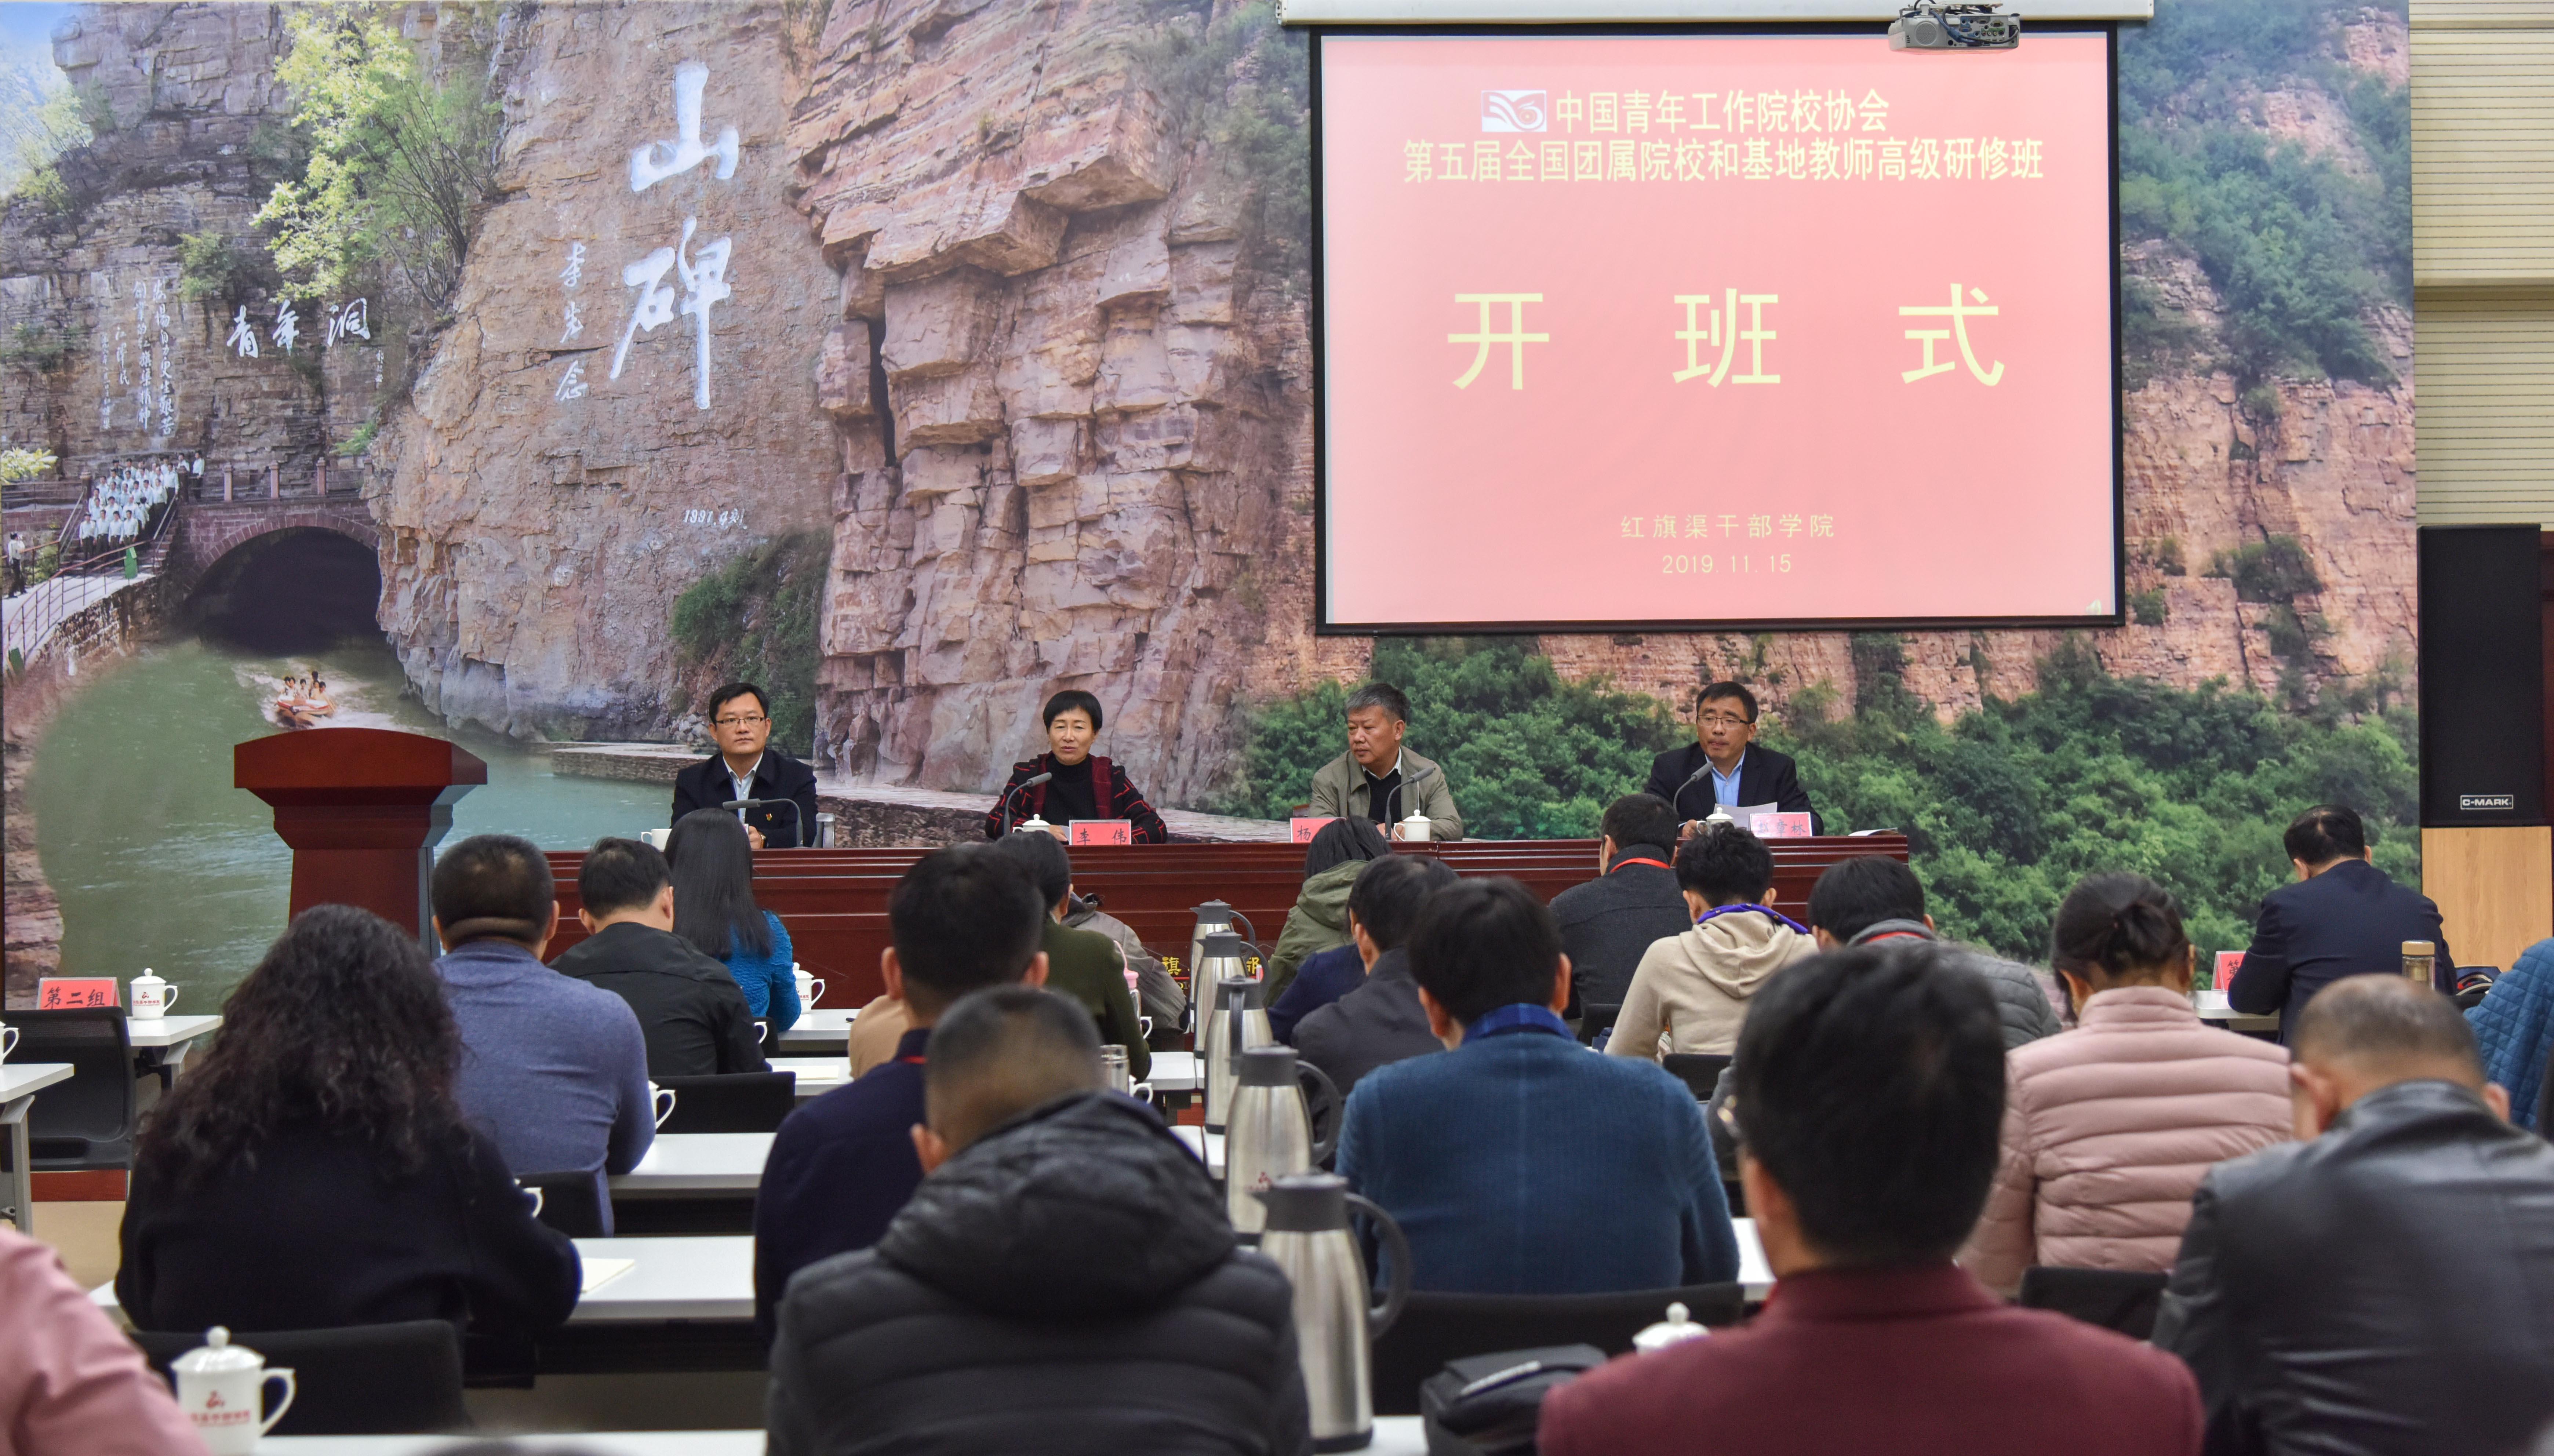 中国青年工作院校协会第五届全国团属院校和基地教师高级研修班在我院举办